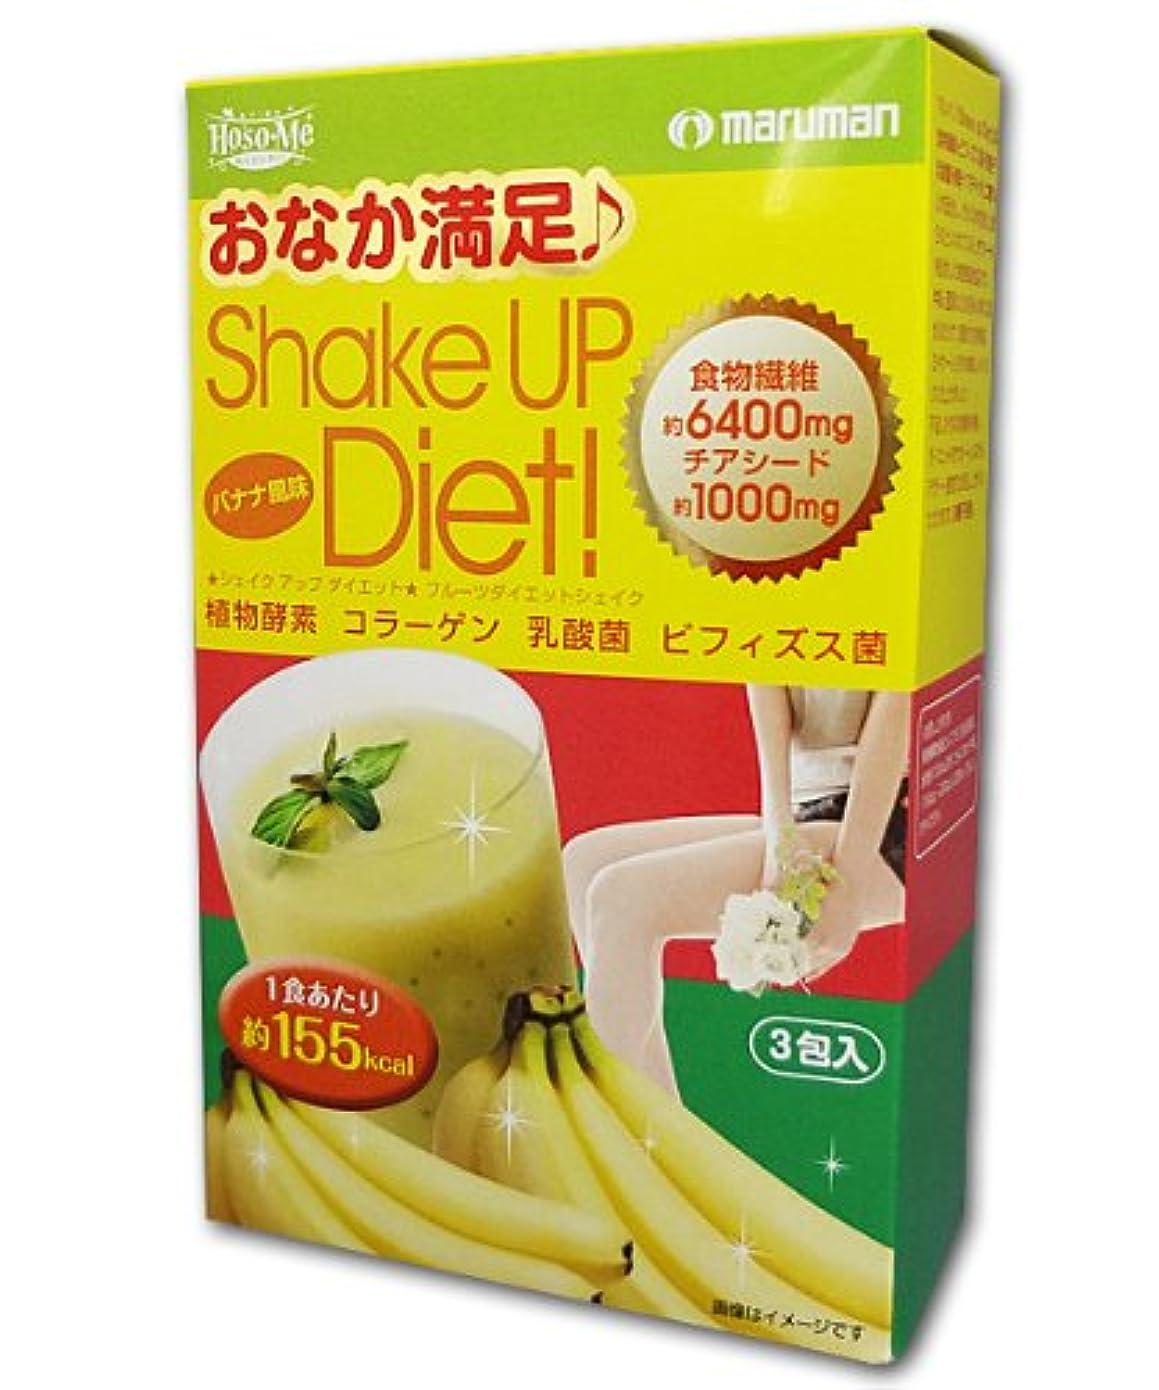 マークダウン本質的に構造的マルマン シェイクアップダイエット バナナ風味 3包入